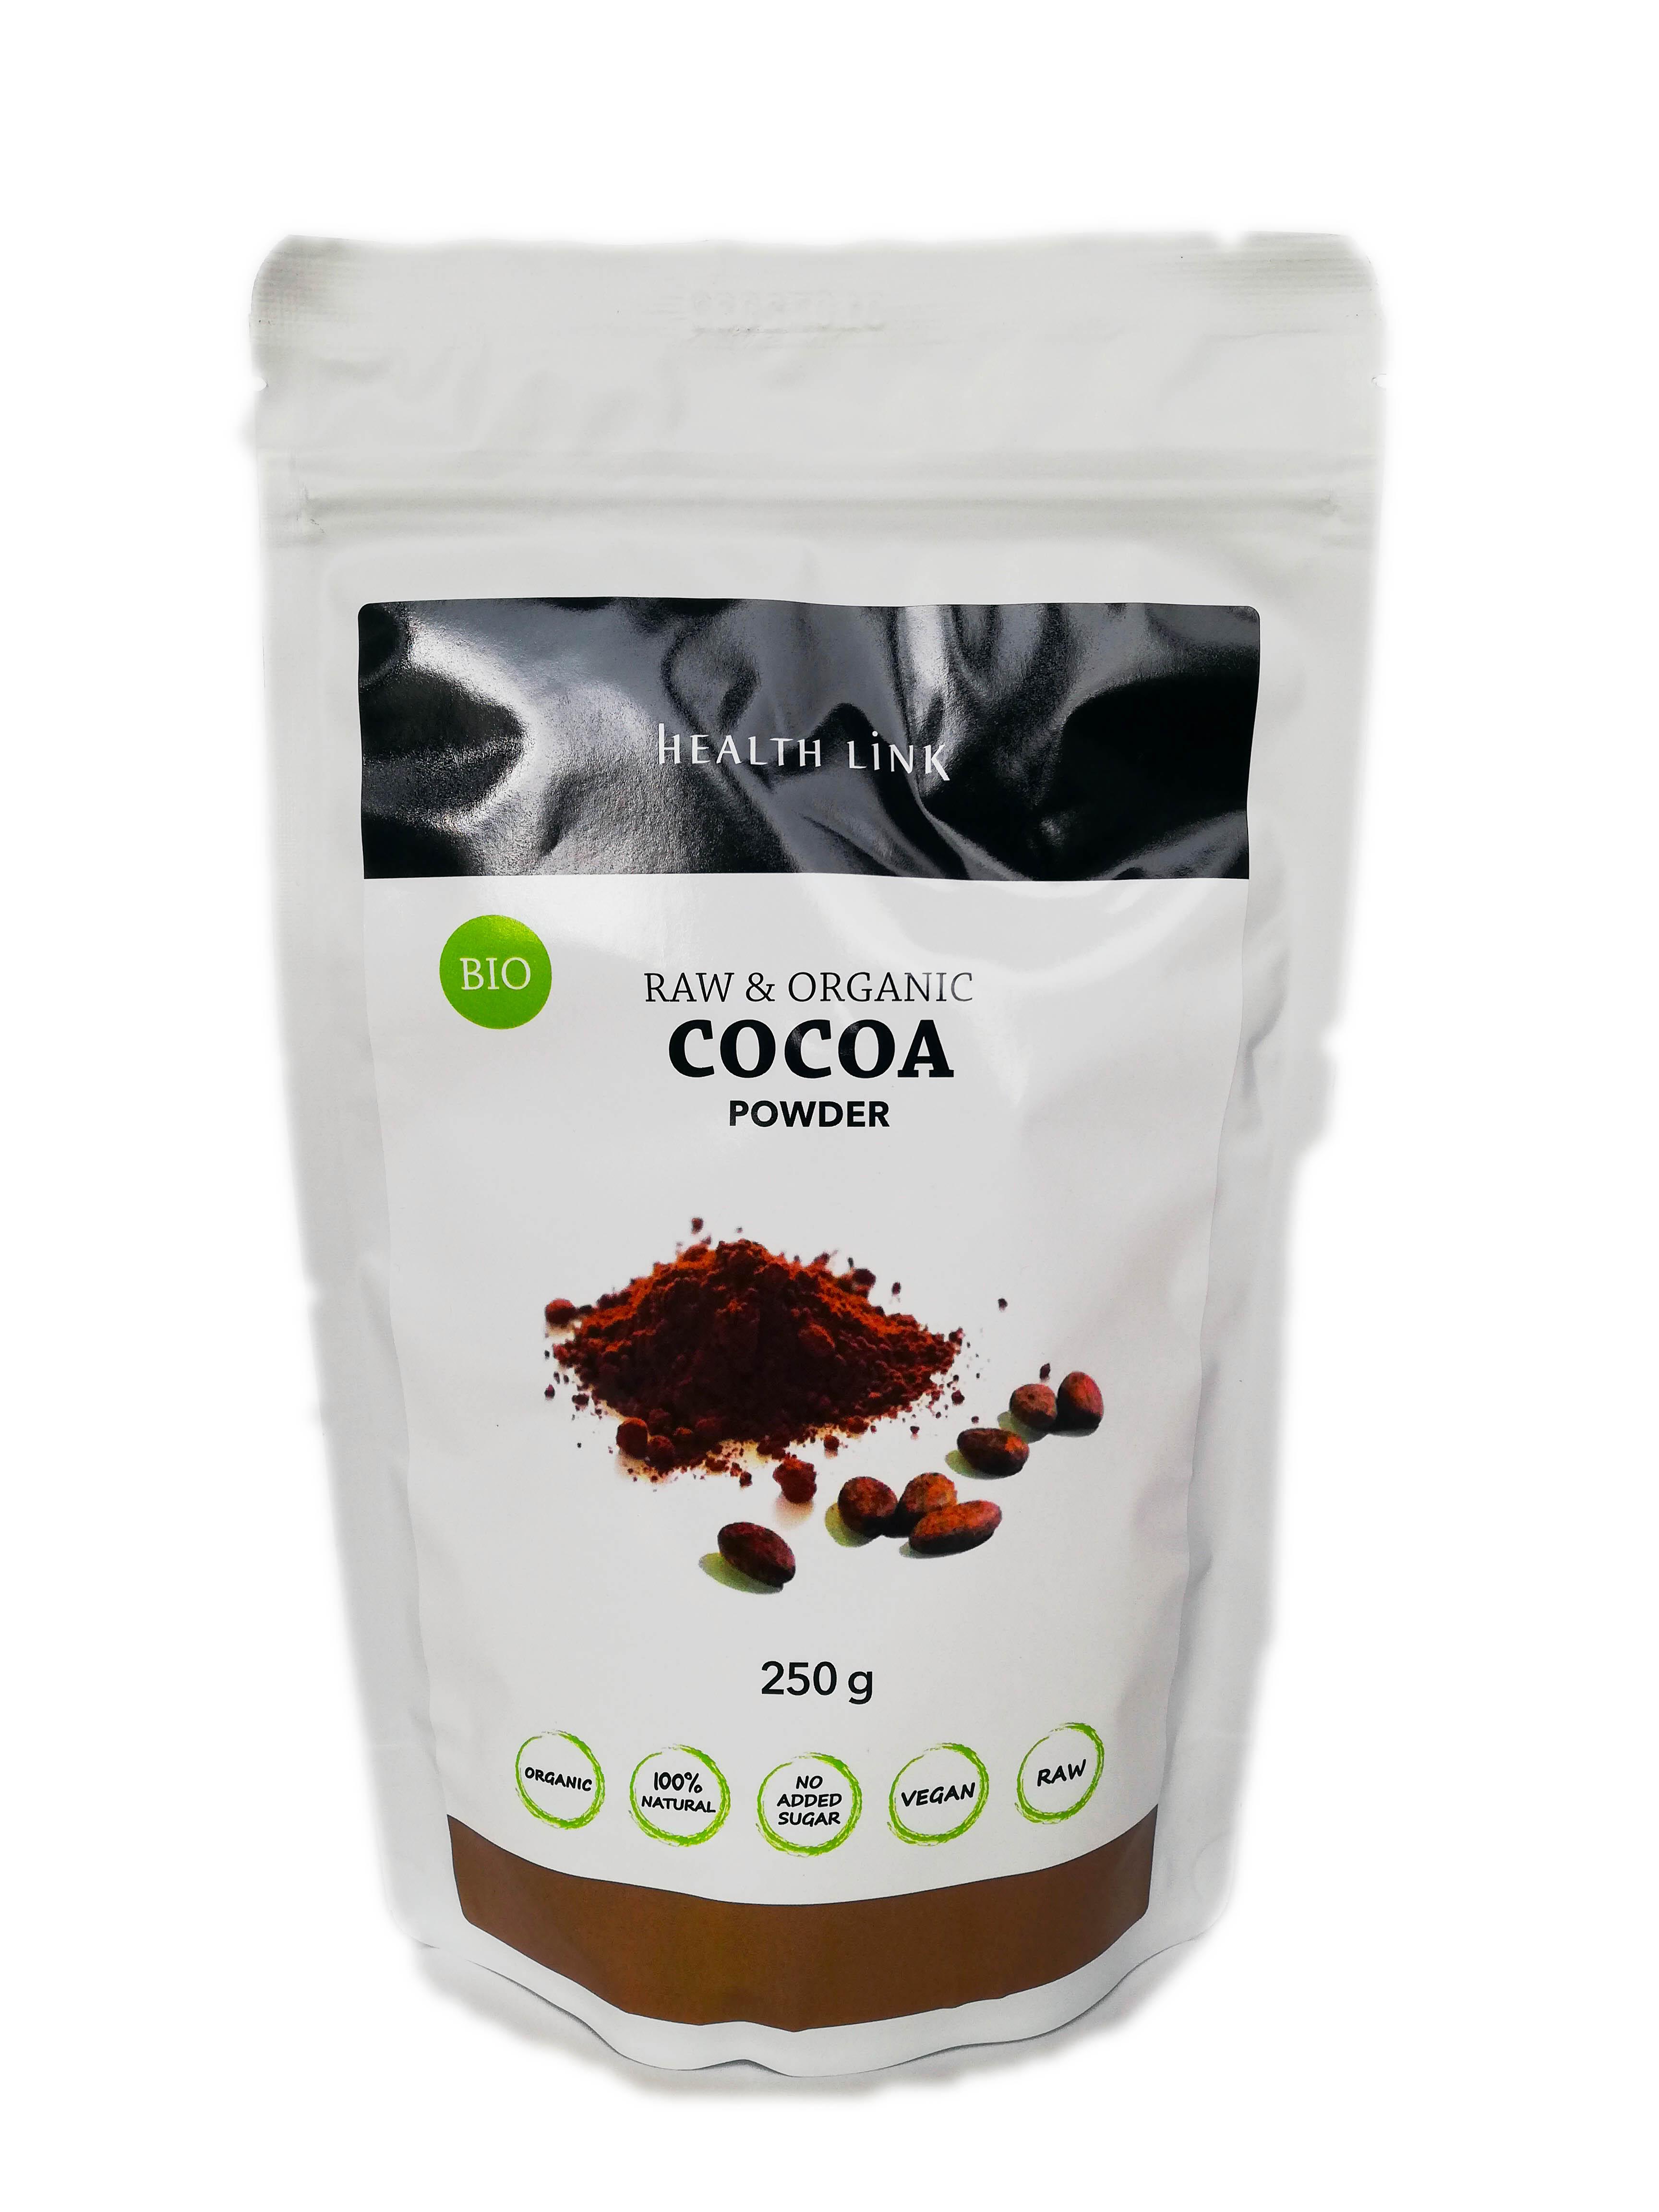 Health Link, s.r.o. Bio kakaový prášek Filipíny s 25% kakaové másla (250g)